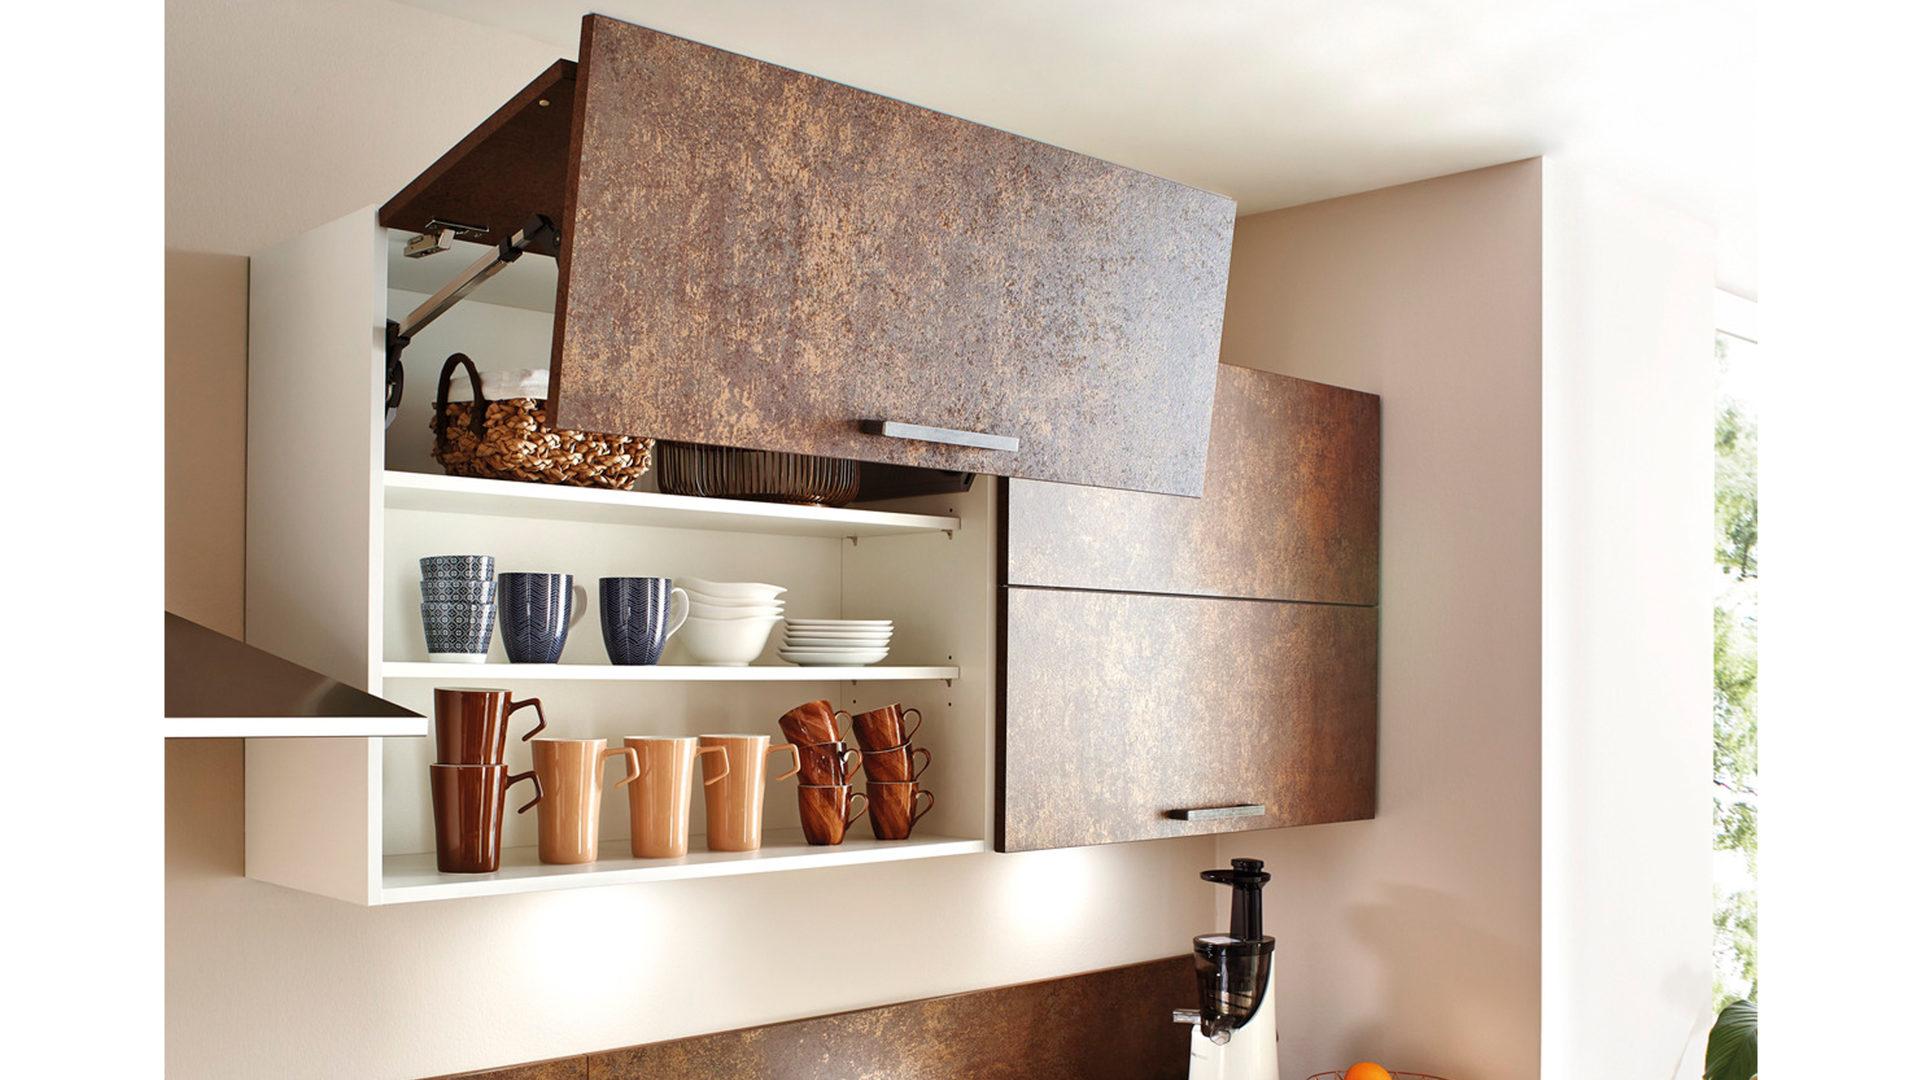 Möbel Boer Coesfeld, Räume, Küche, Einbauküche, Einbauküche mit ...